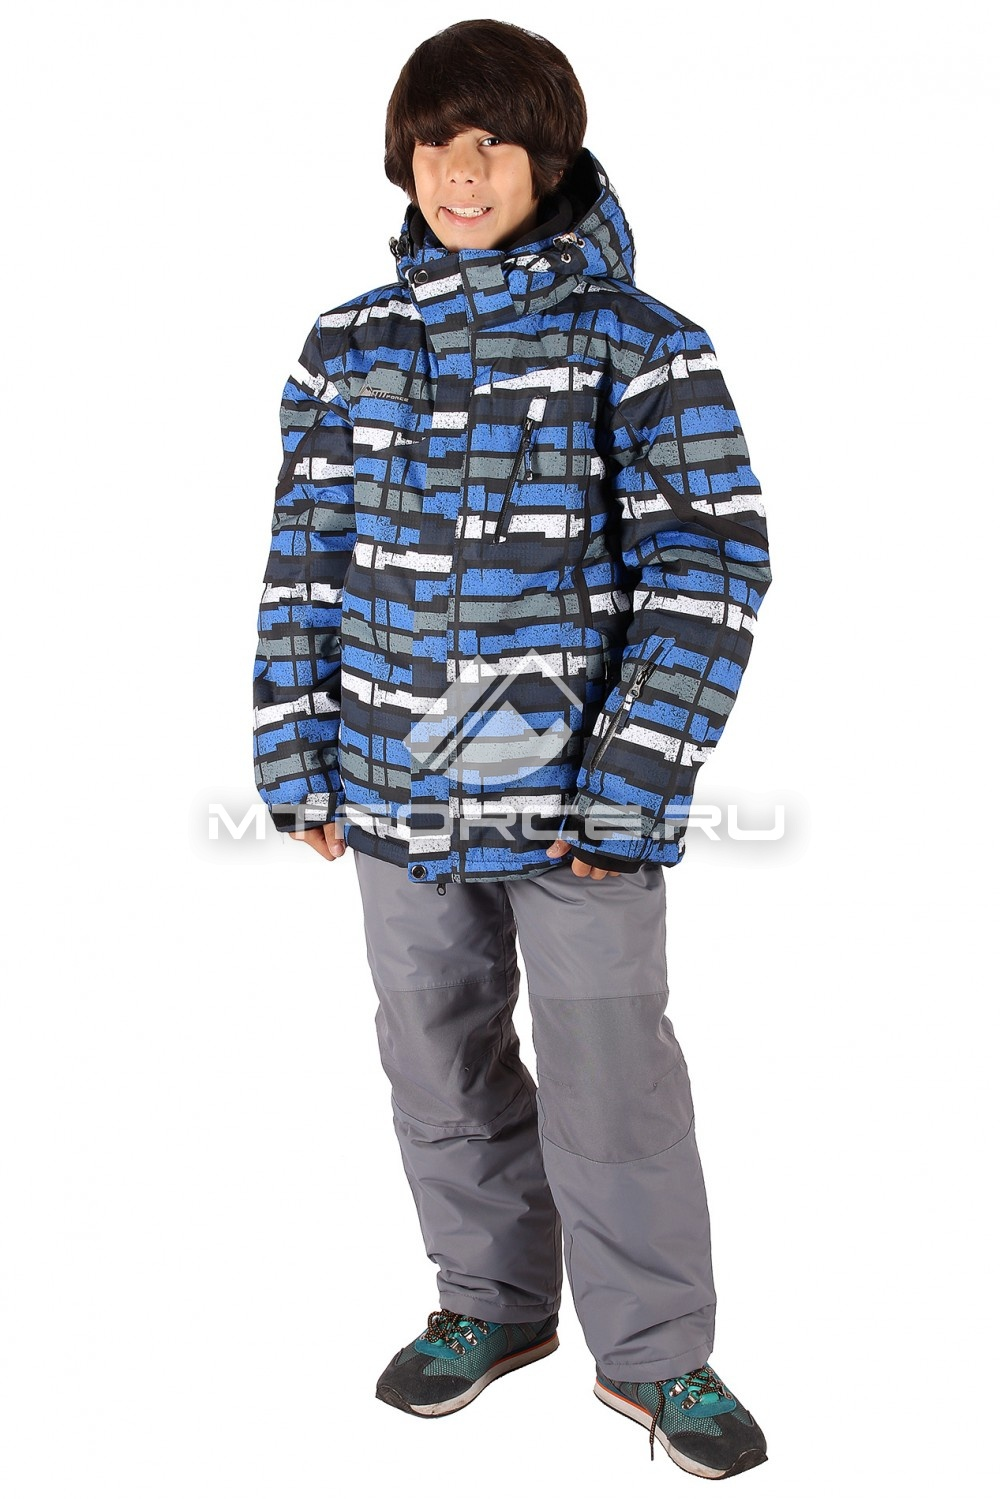 Купить                                  оптом Костюм горнолыжный  для мальчика синего  цвета 421S